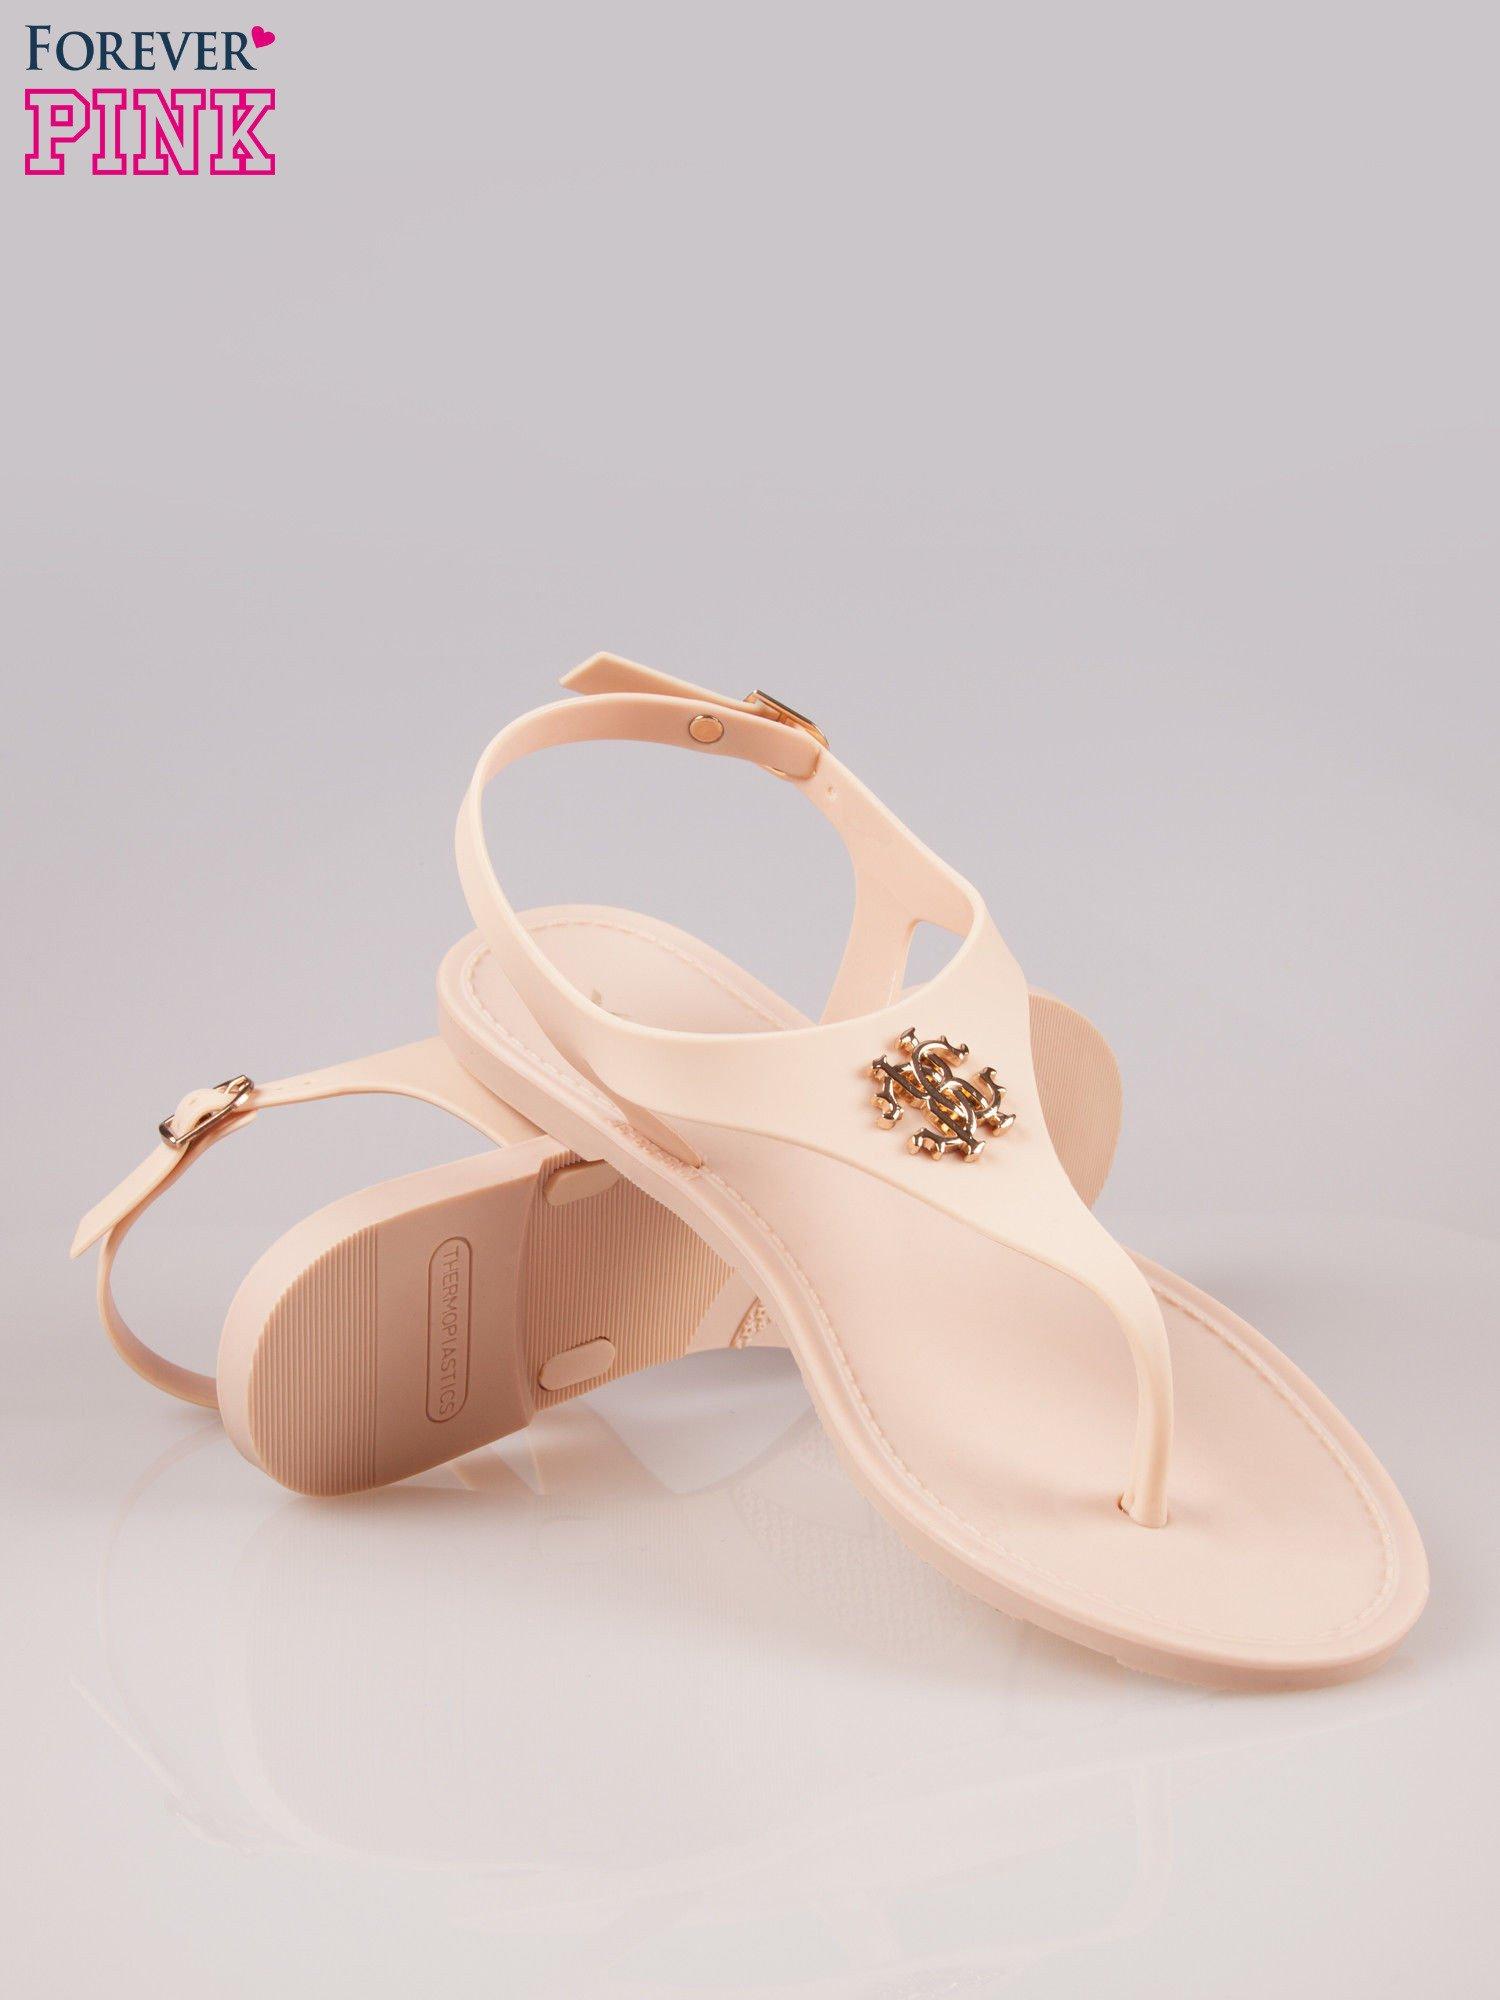 Beżowe gumowe sandały japonki z biżuteryjnym dodatkiem                                  zdj.                                  4